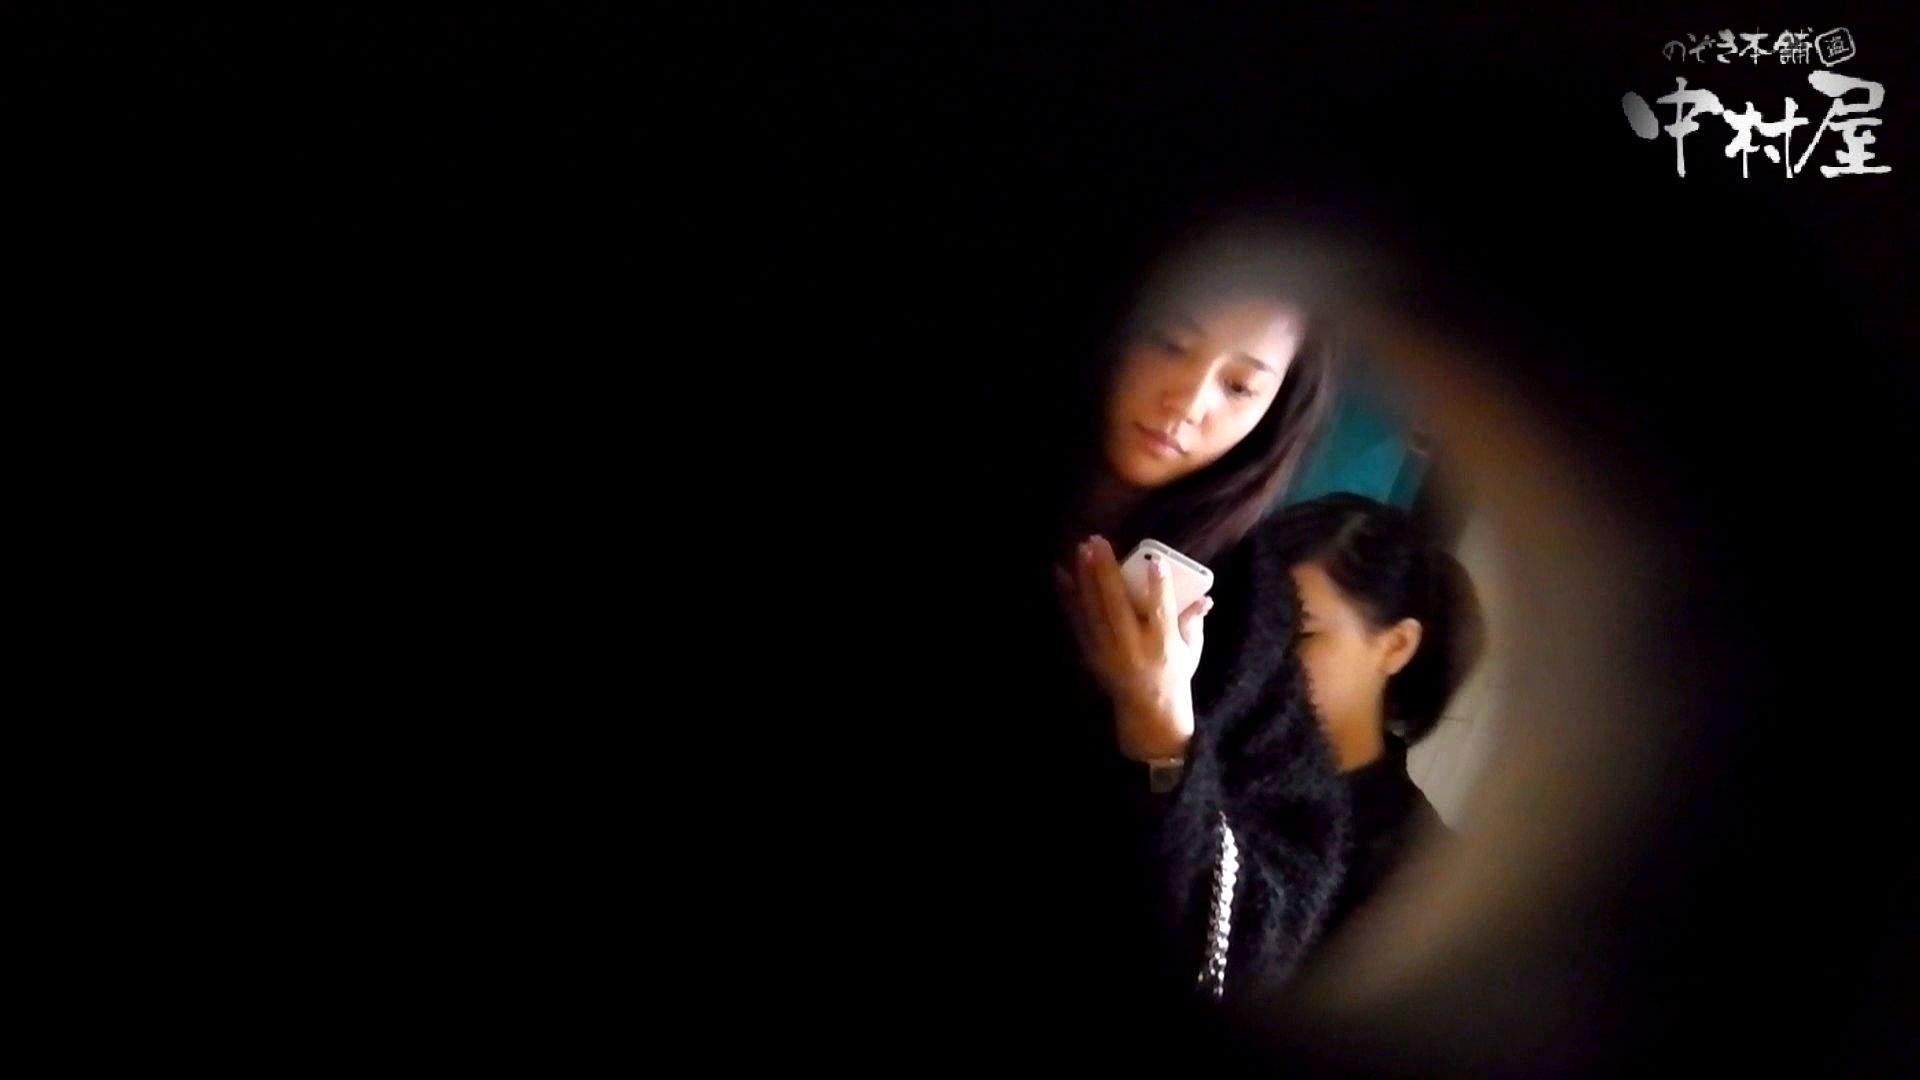 【世界の射窓から】世界の射窓から vol.7 洗面所 | OL女体  49連発 3